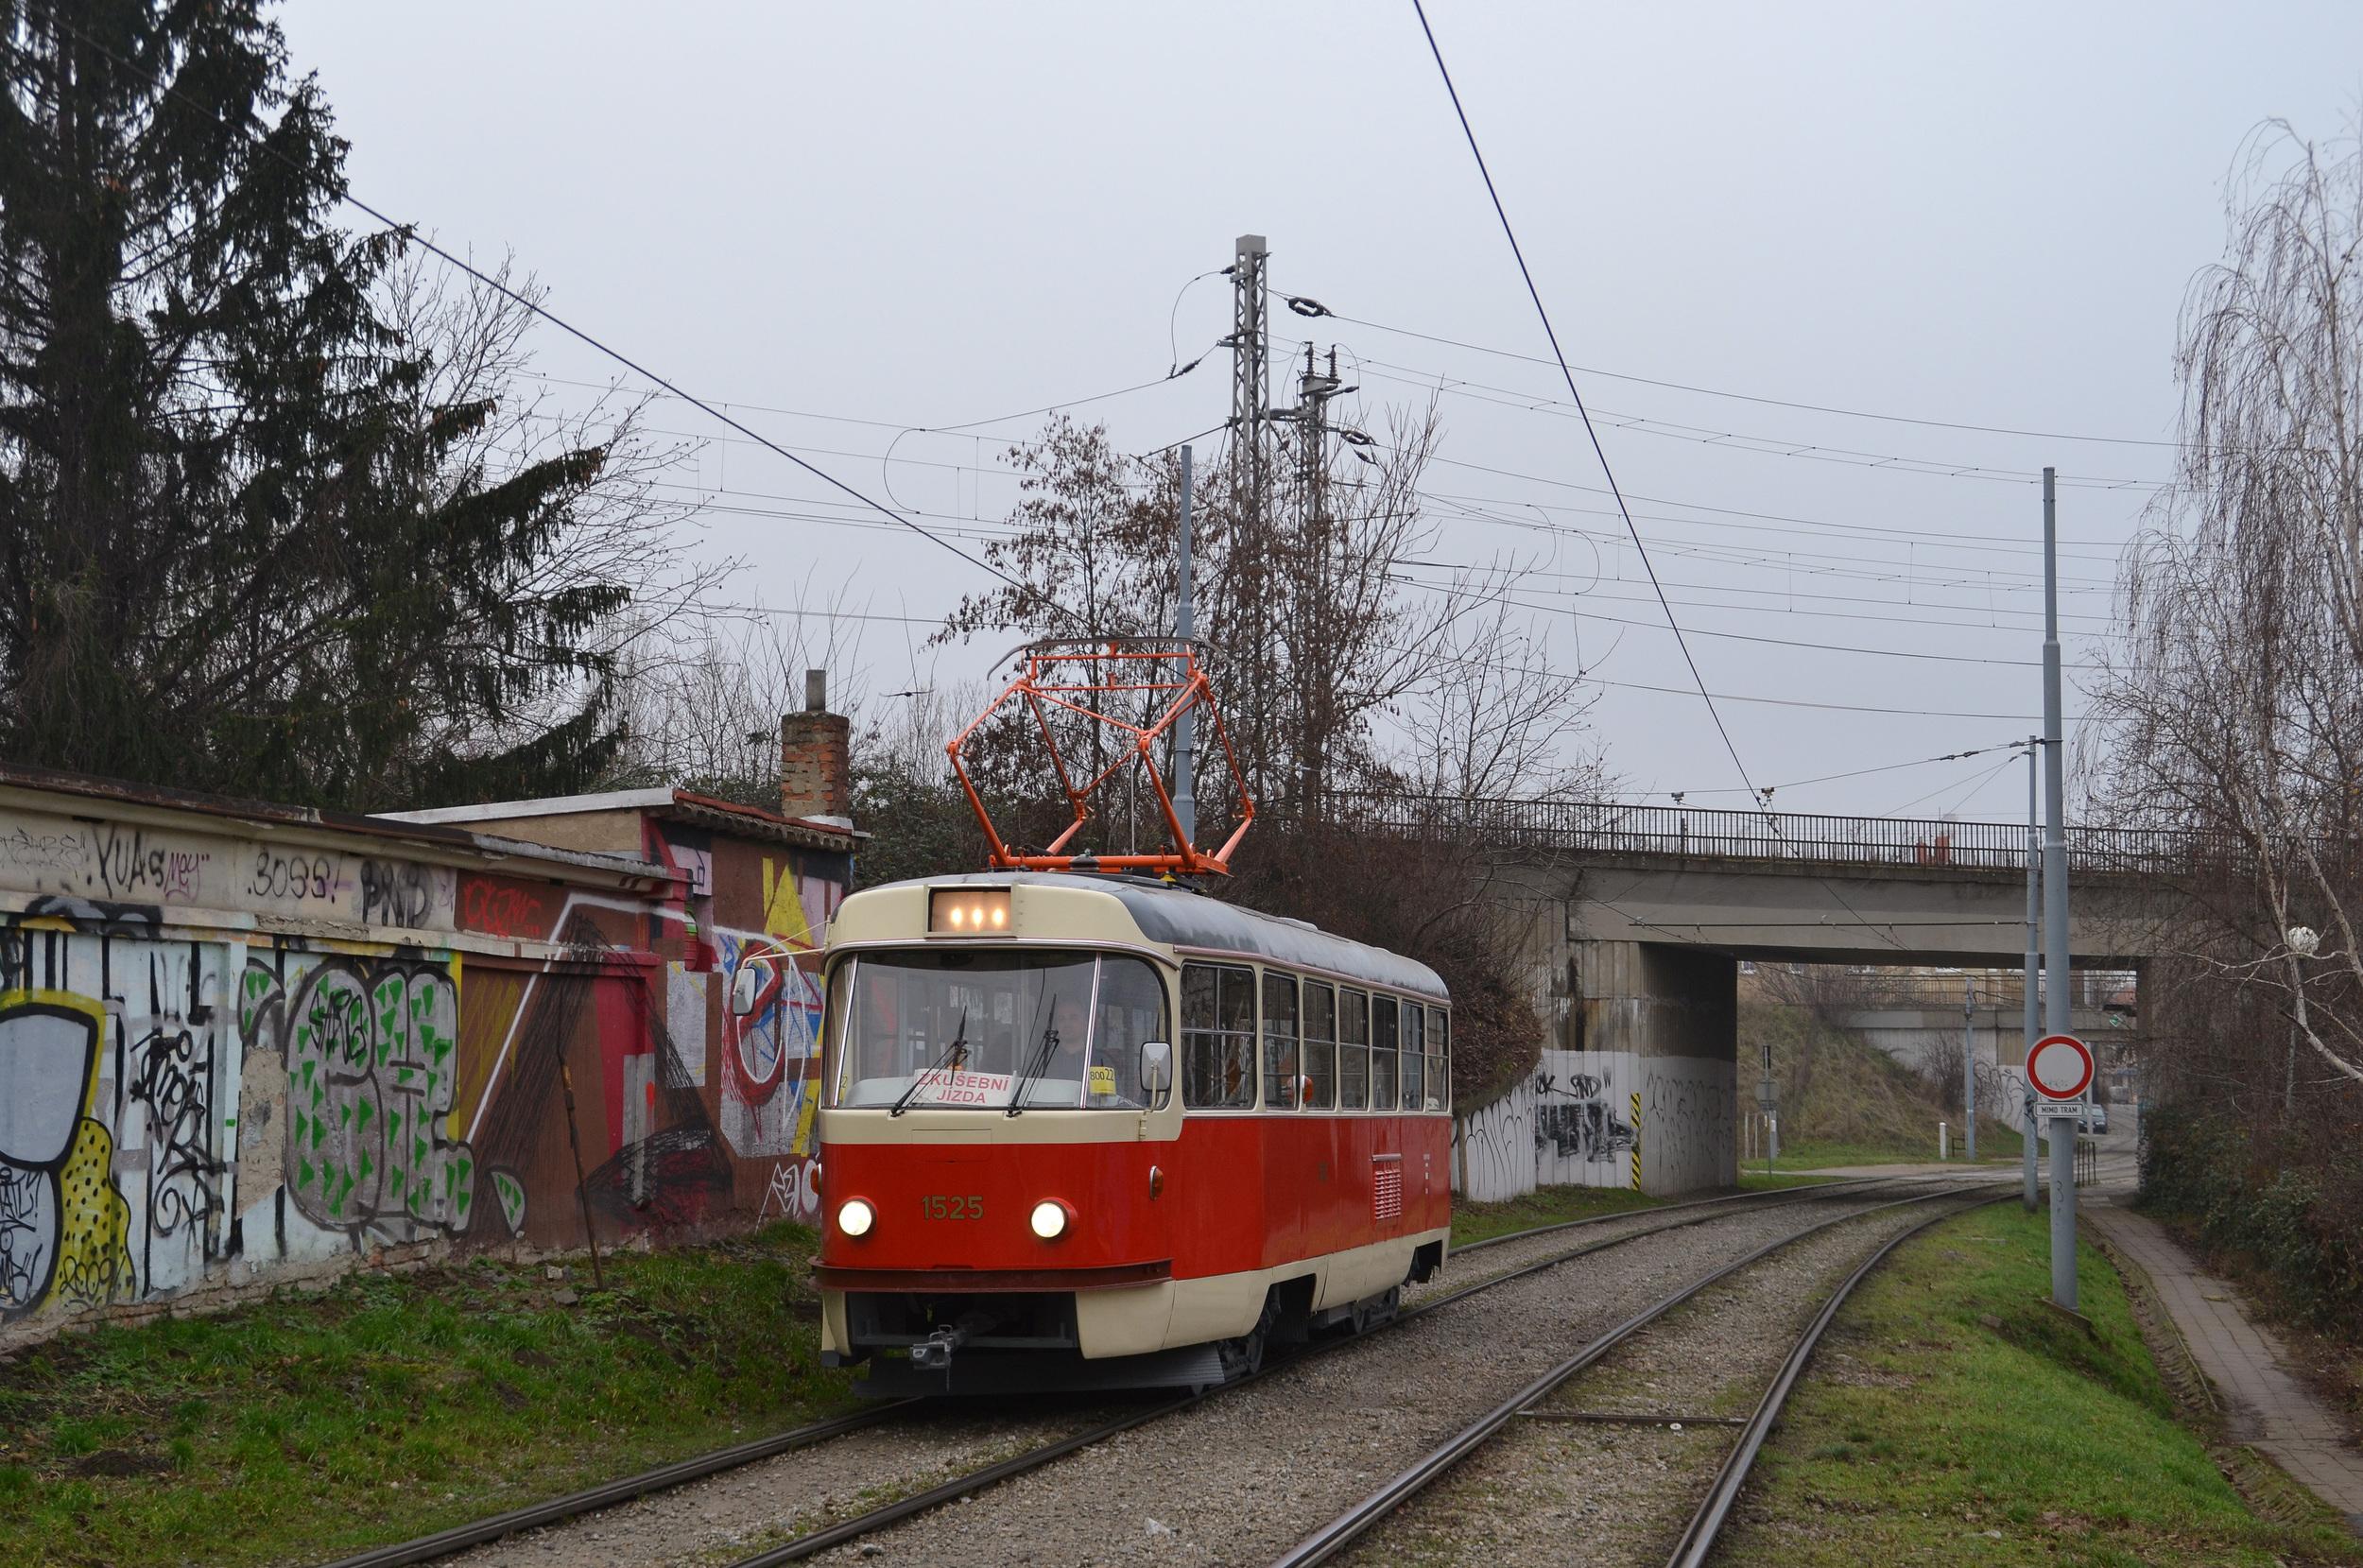 Vůz svým provedením po opravě odpovídá 2. polovině 80. let. (foto: Ing. Jiří Černý)